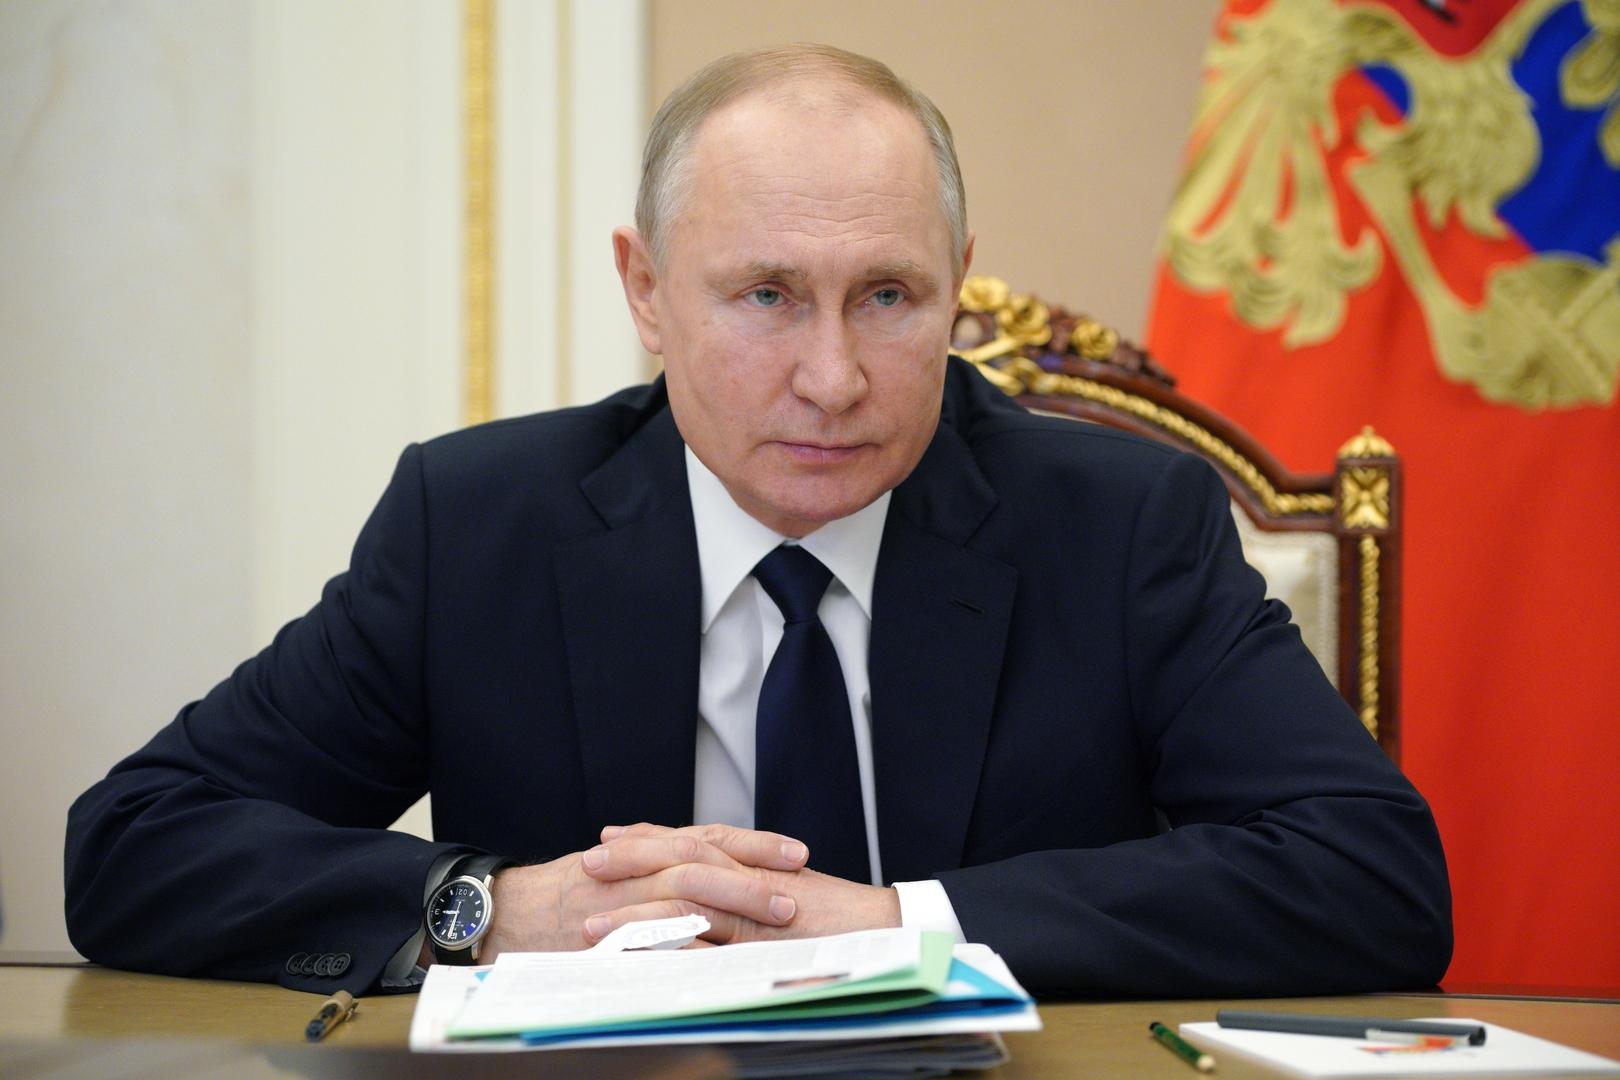 الكرملين يجيب عن سؤال حول المحادثة بين بوتين وعلييف